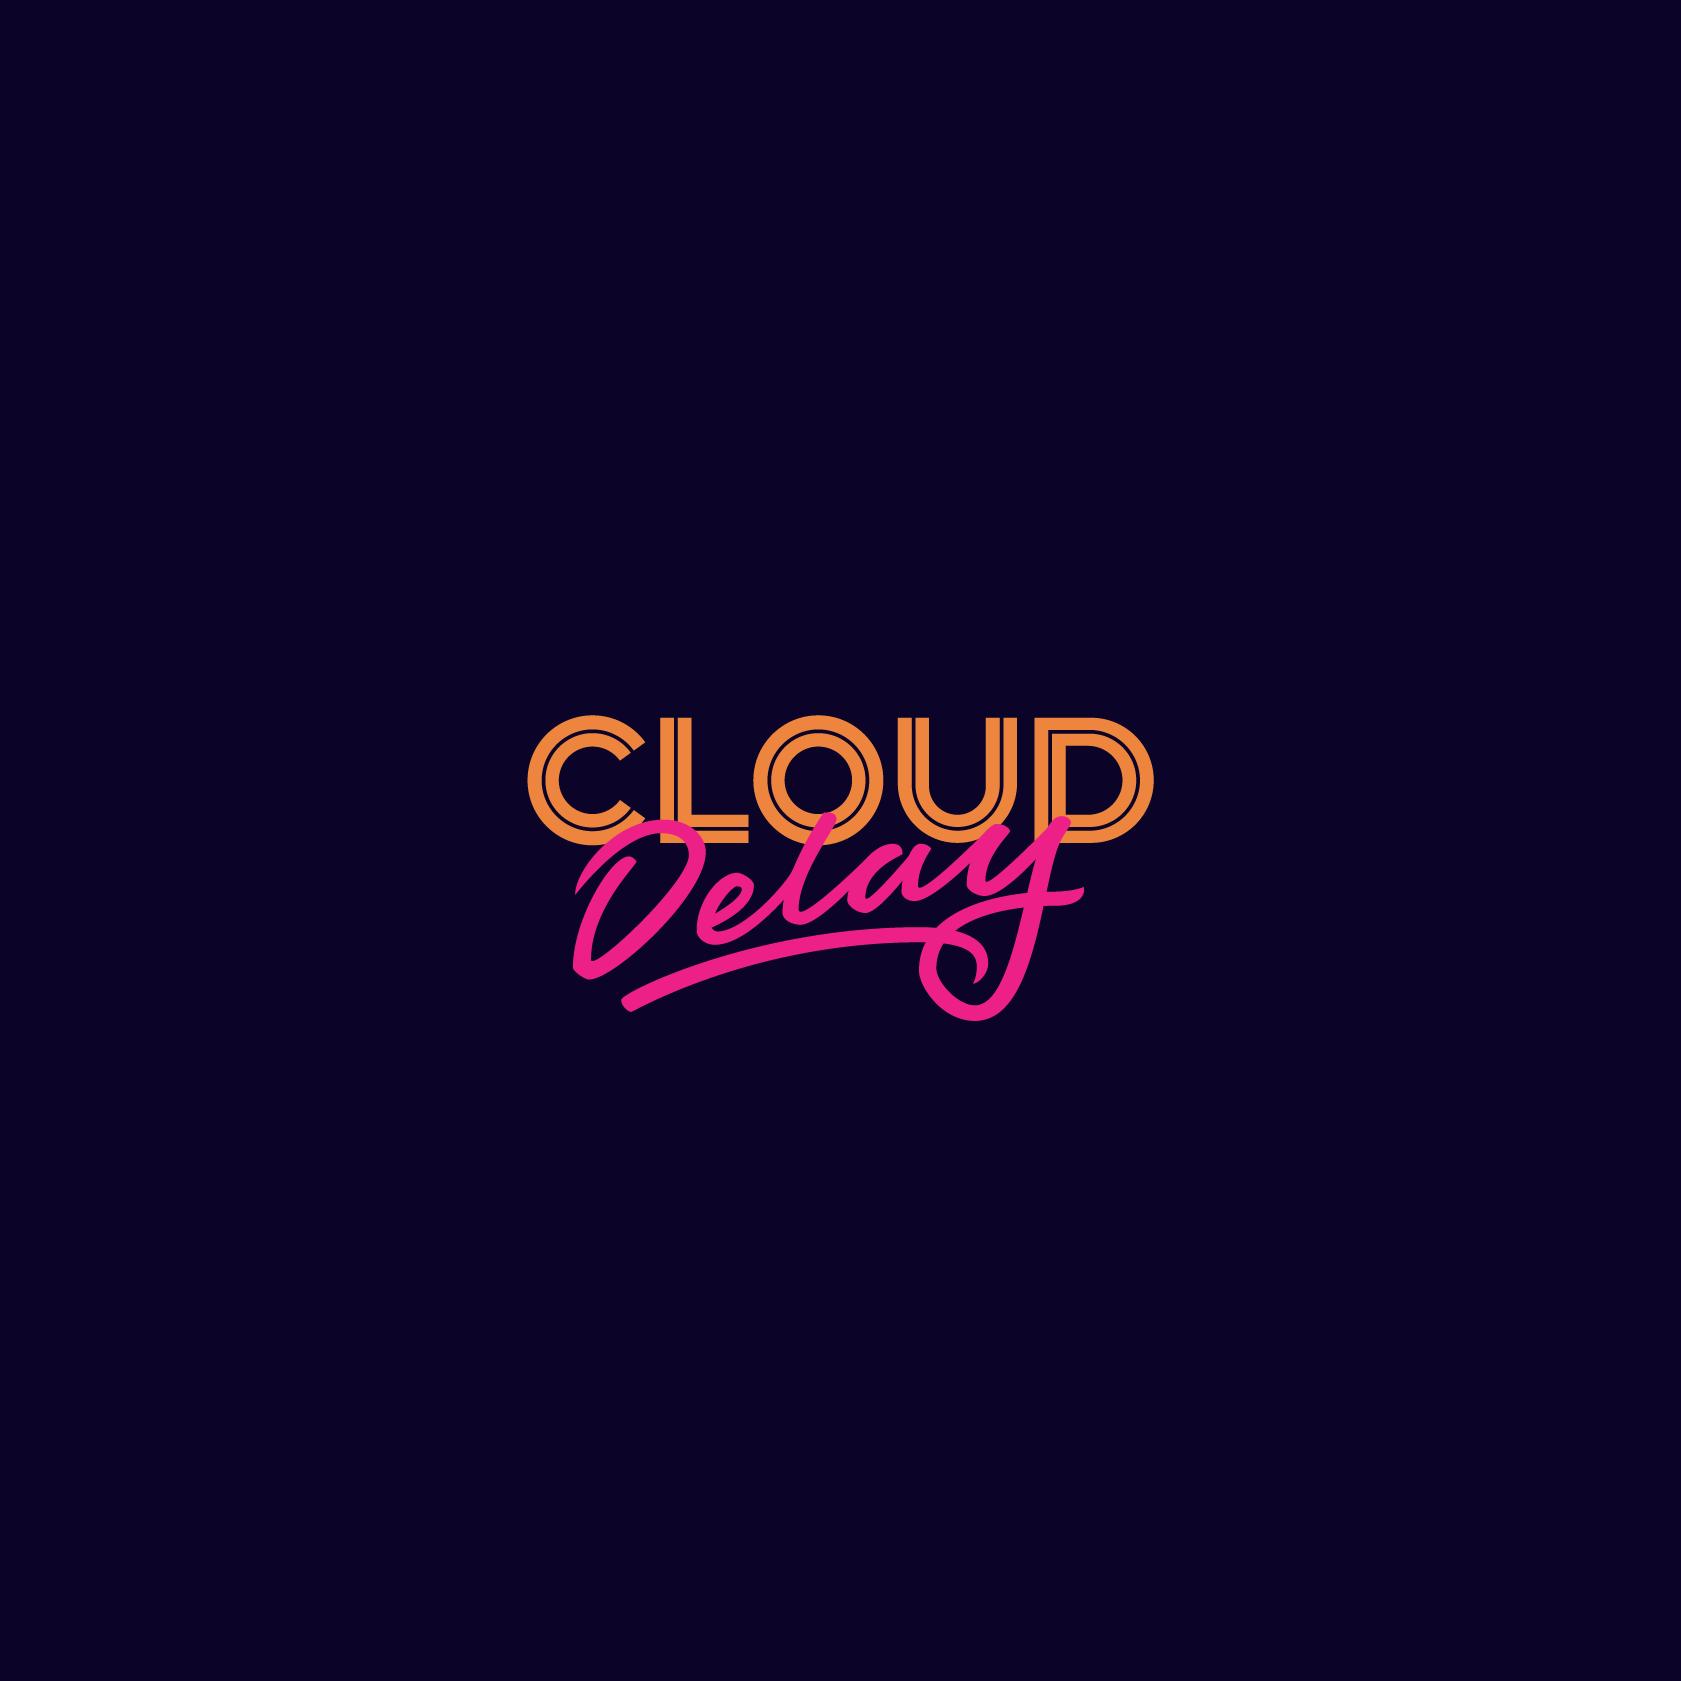 Логотип музыкального проекта и обложка сингла фото f_5455b69d0ef1c155.png